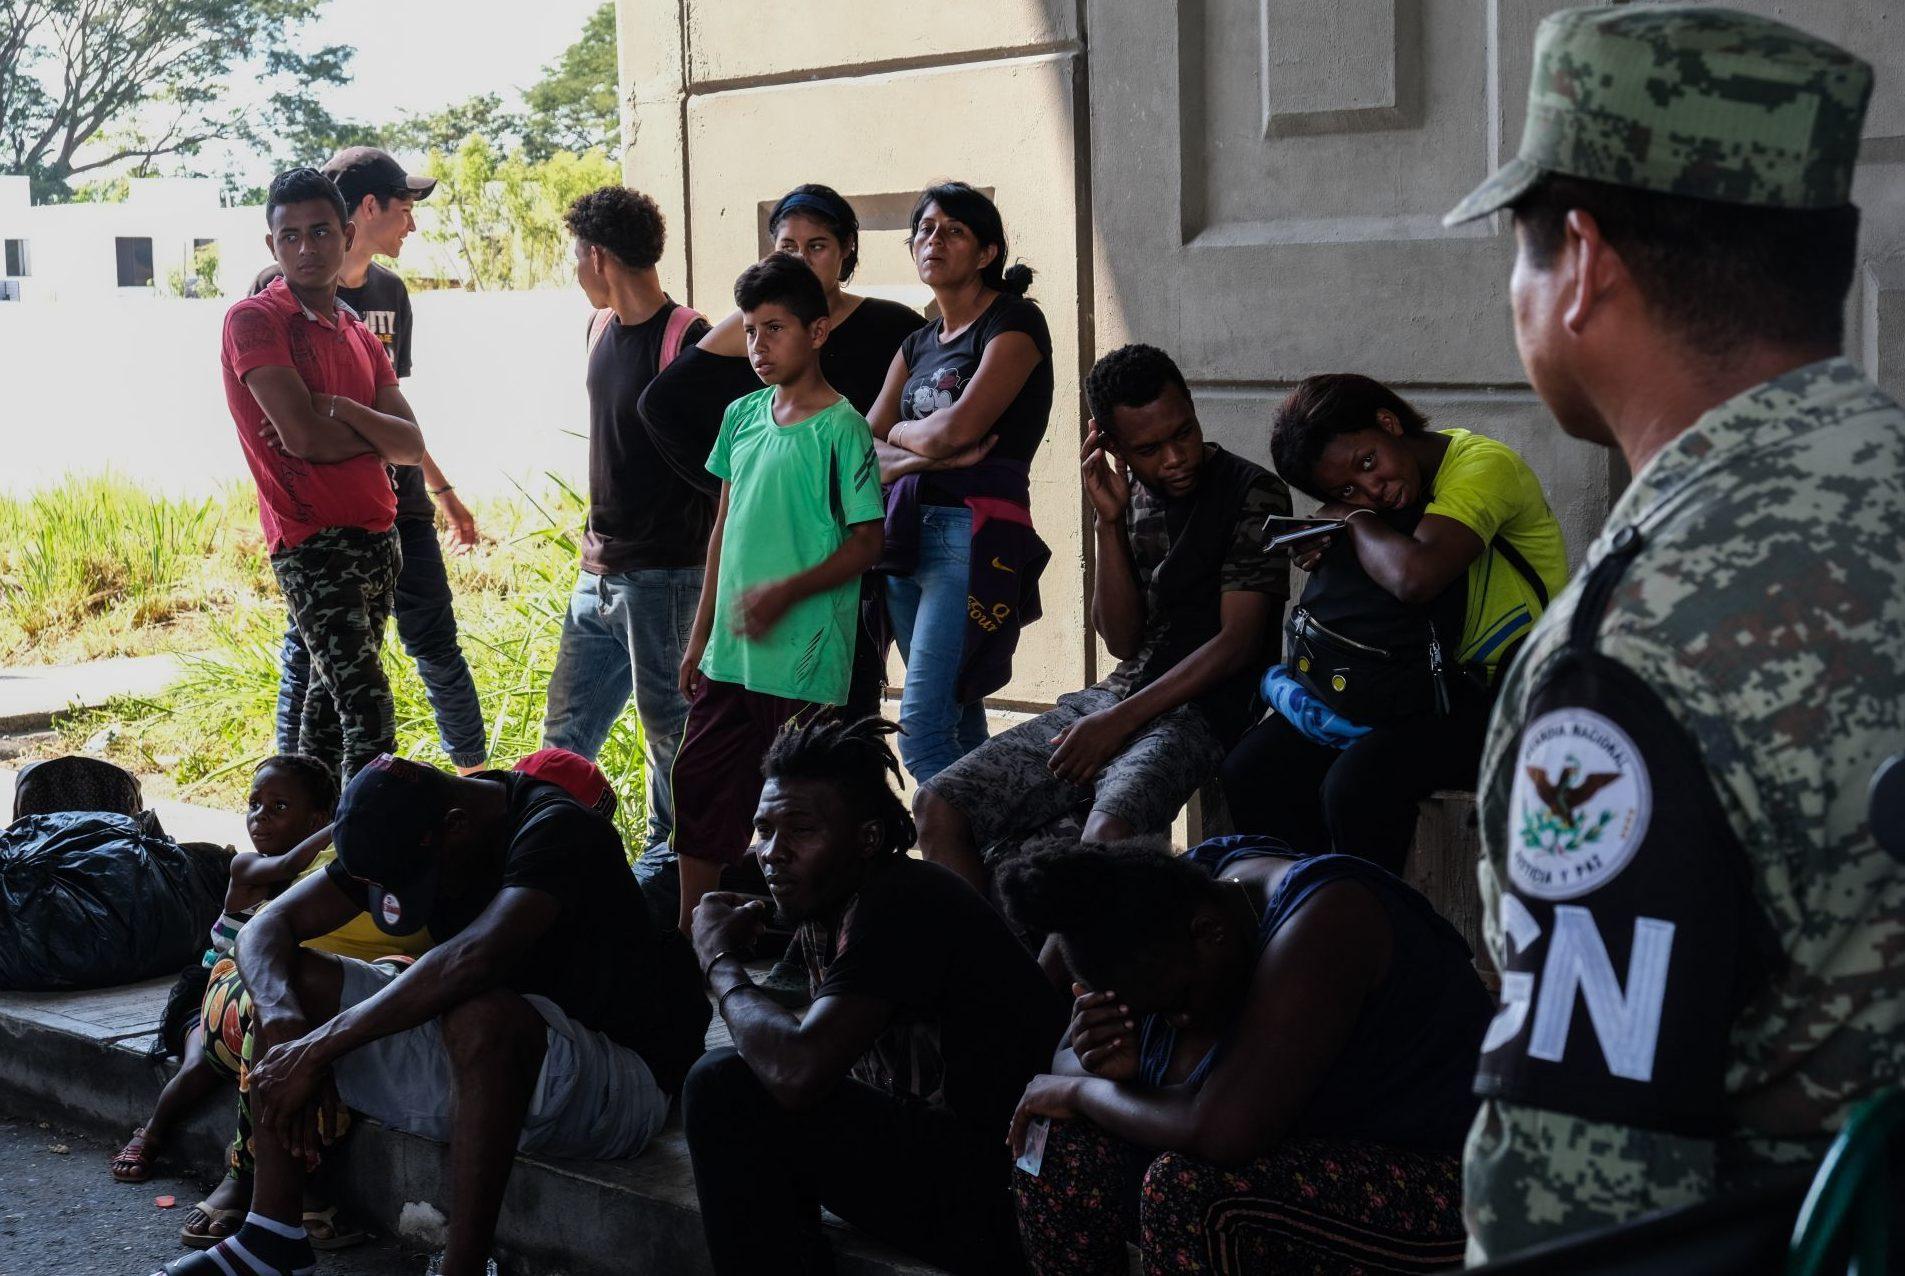 México detuvo arbitrariamente a dos migrantes y debe pagarles una indemnización: ONU